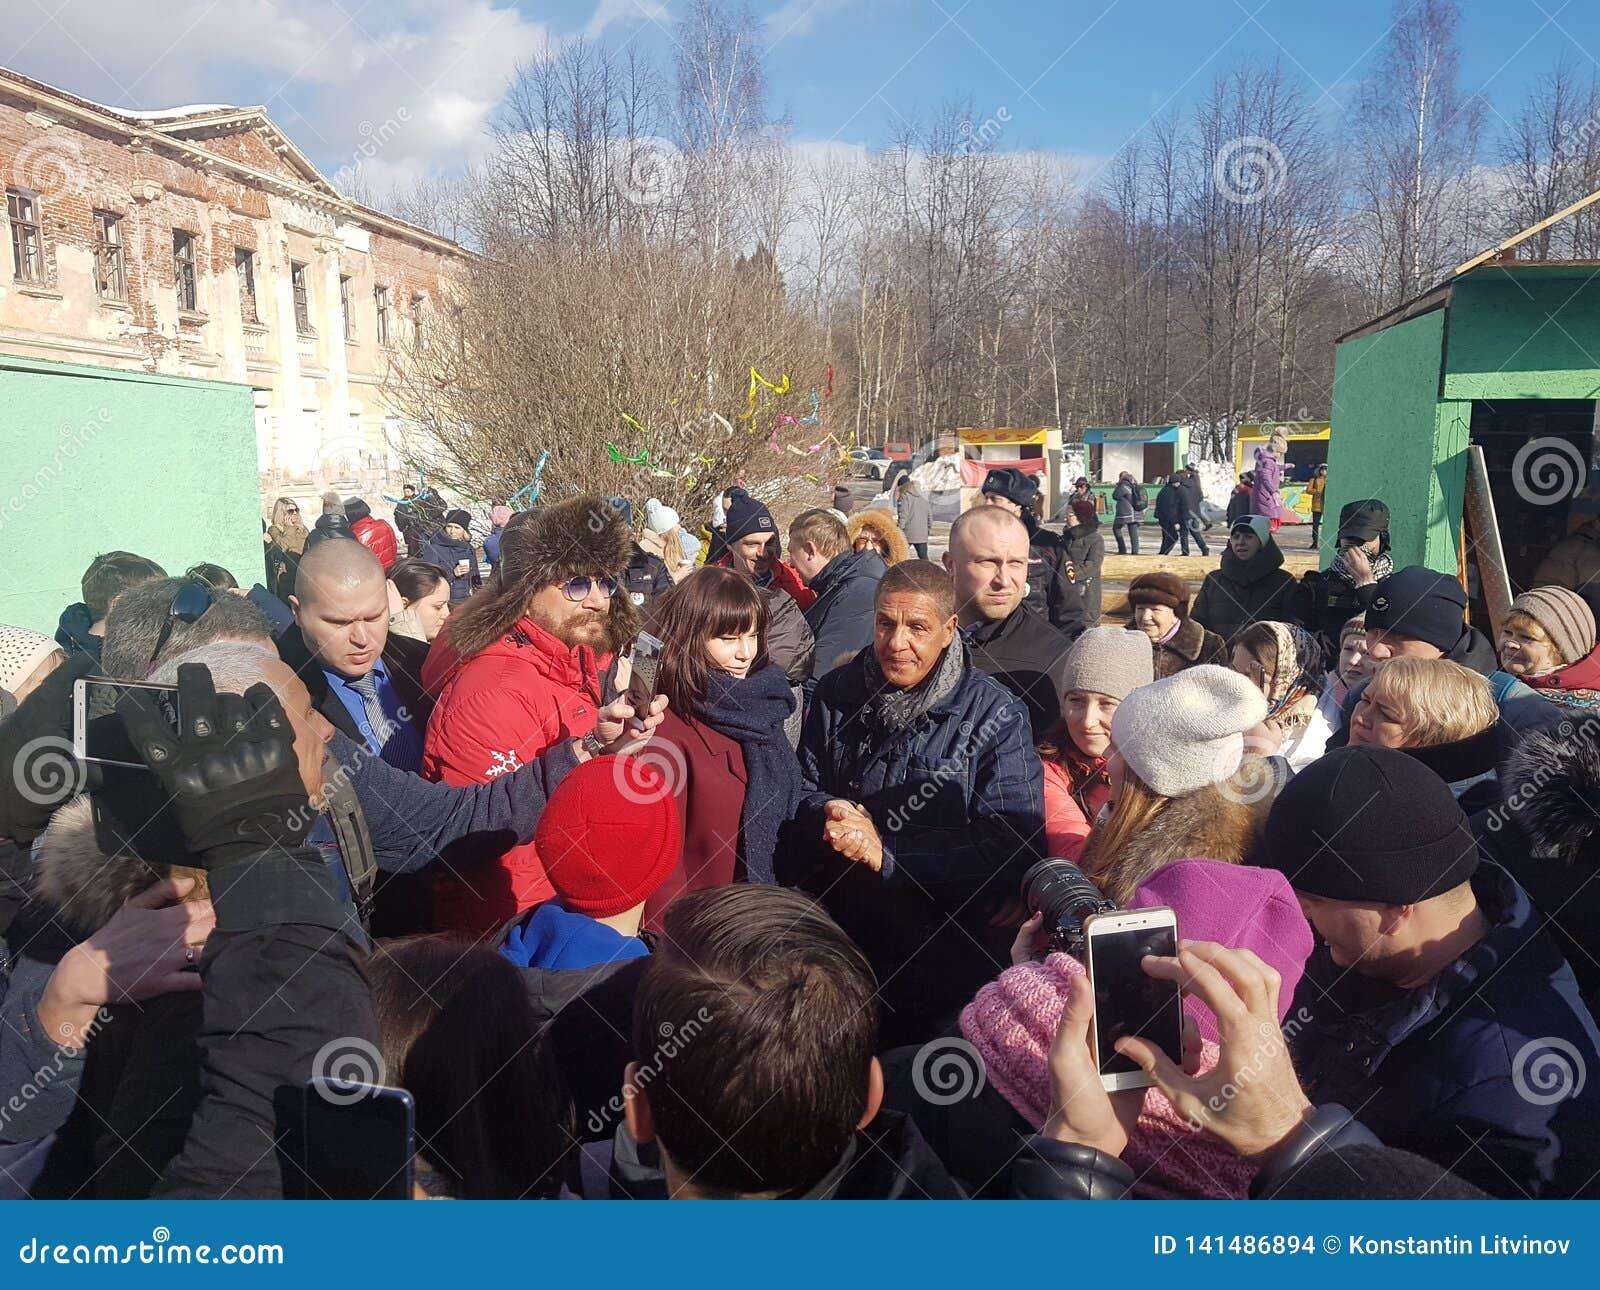 Moskwa region, Fryazino, Grebnevo estate-09 03 2009: Samy Naceri francuza gwiazda i aktor taxi filmy odwiedza nieruchomość